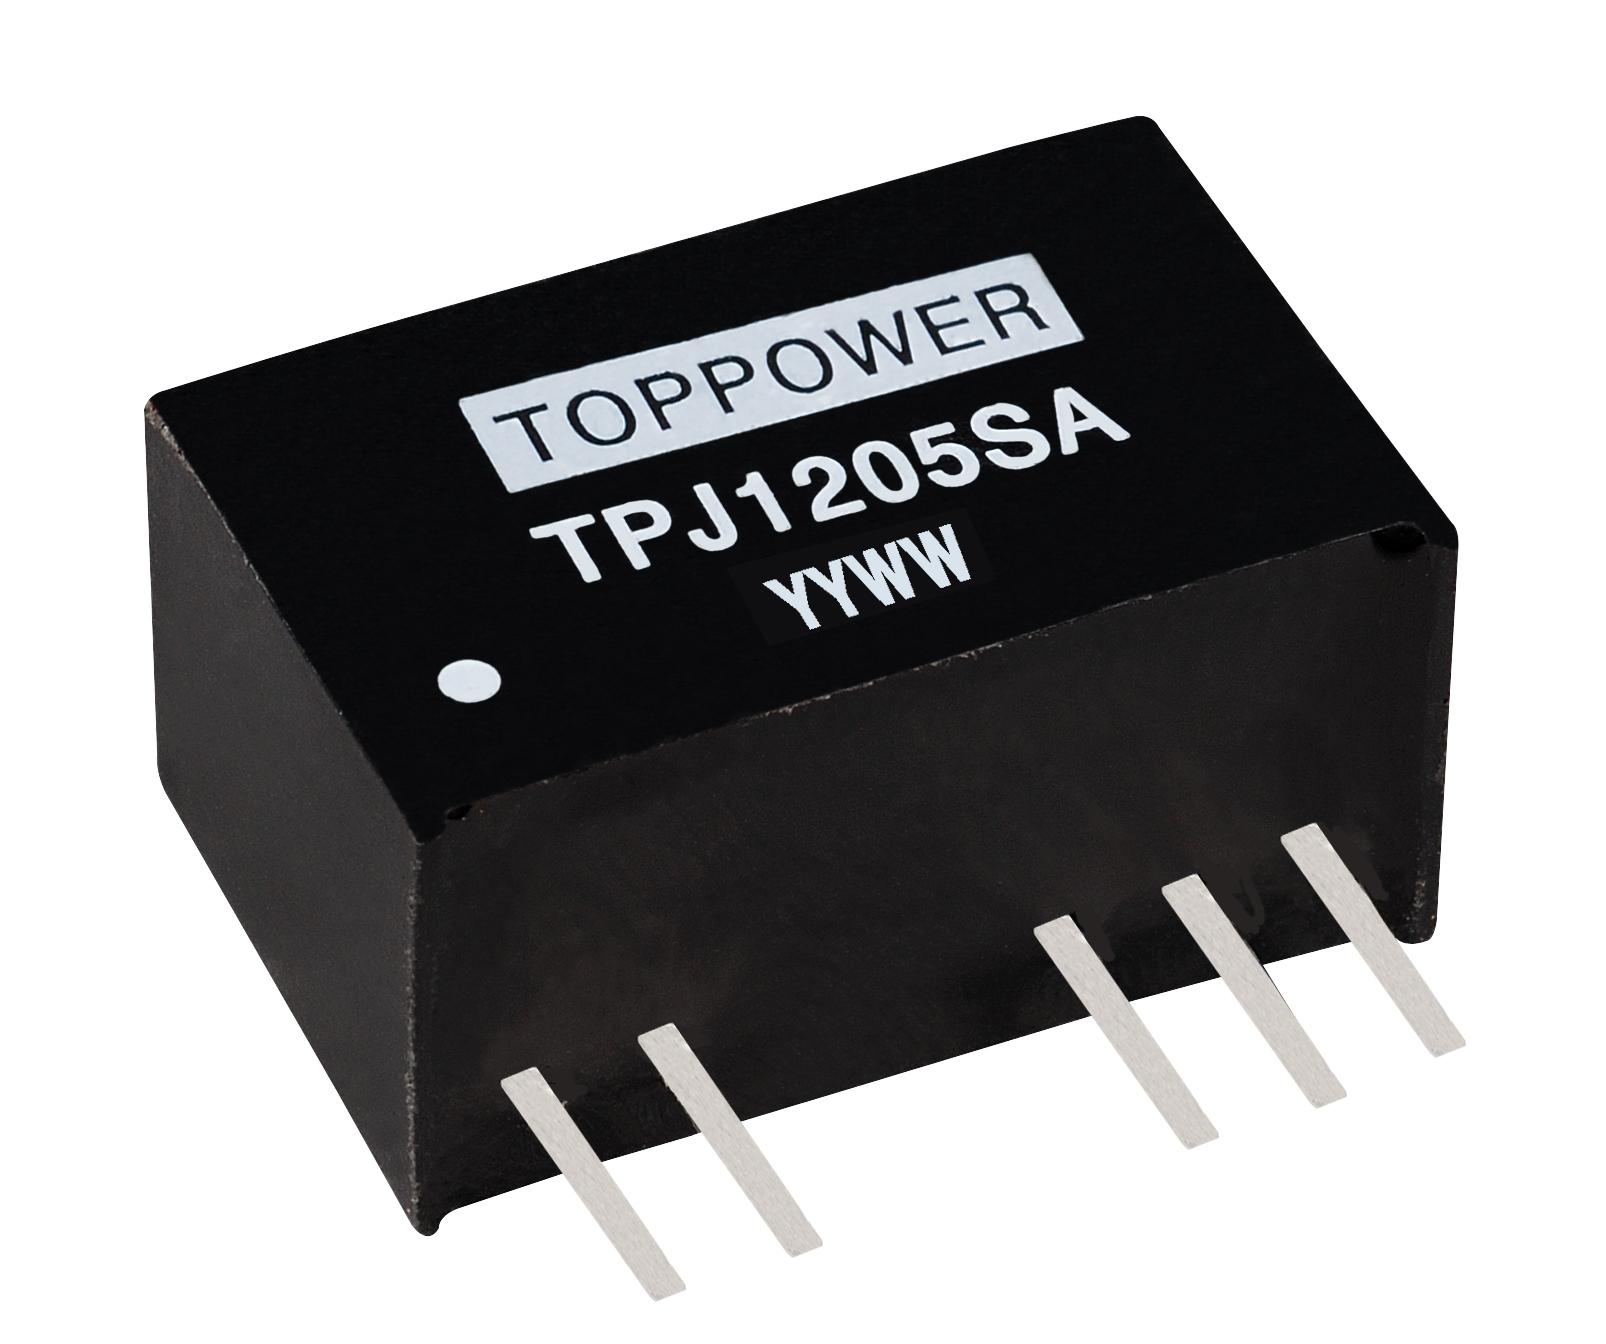 10.TPJ1205SA.jpg